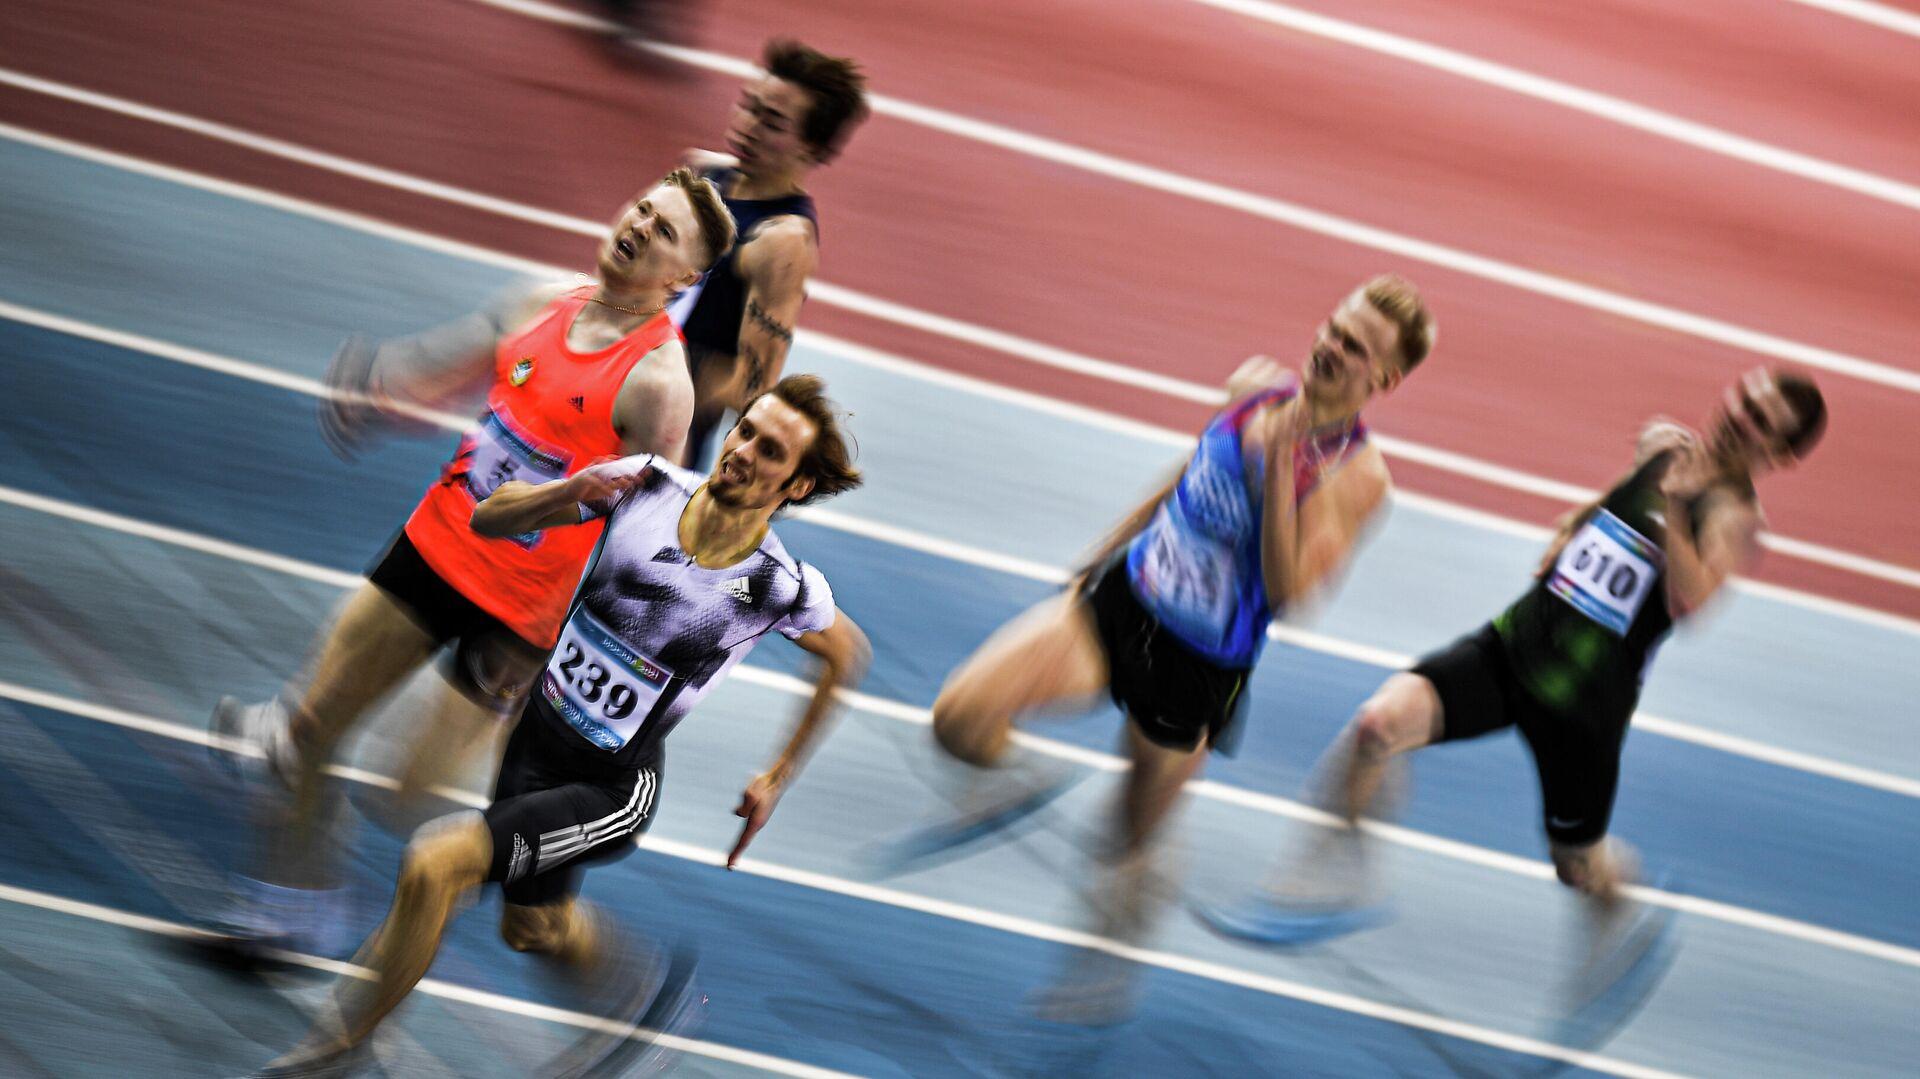 Спортсмены во время соревнований в беге на дистанции 400 метров на чемпионате России по легкой атлетике в помещении в Москве. - РИА Новости, 1920, 24.02.2021